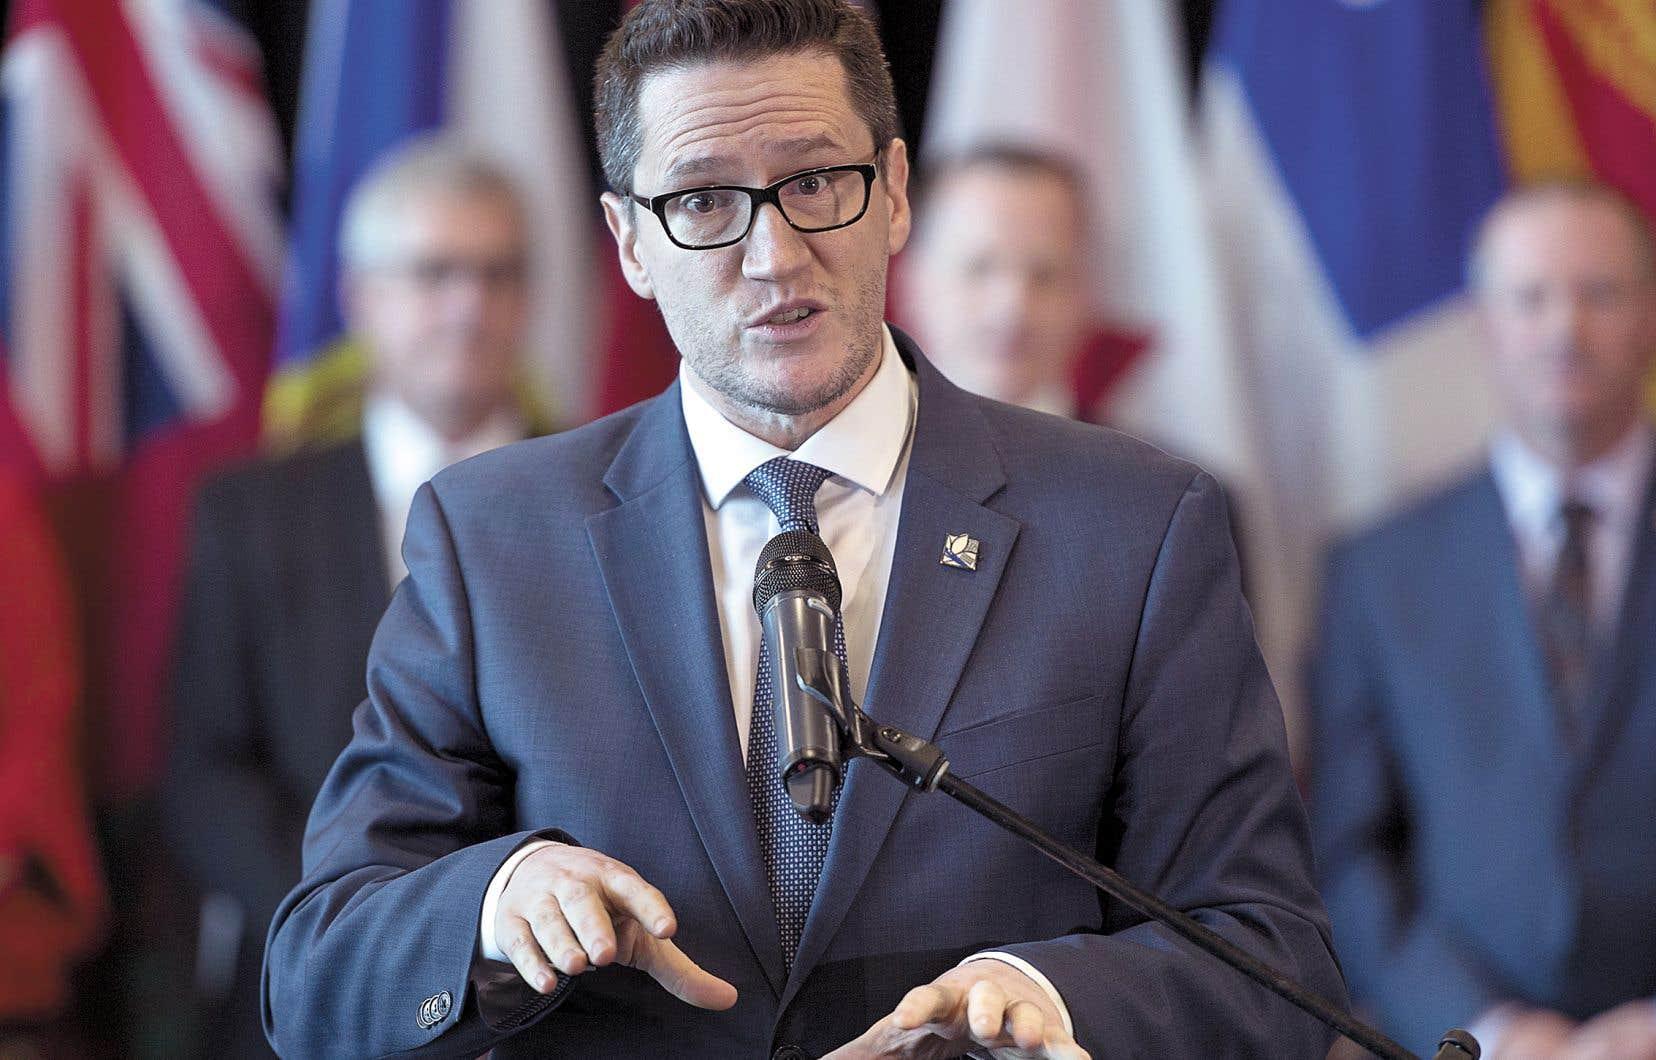 Le ministre québécois de l'Environnement, Benoit Charette, dit vouloir effectuer une «transition juste», au nom de la défense des travailleurs québécois.